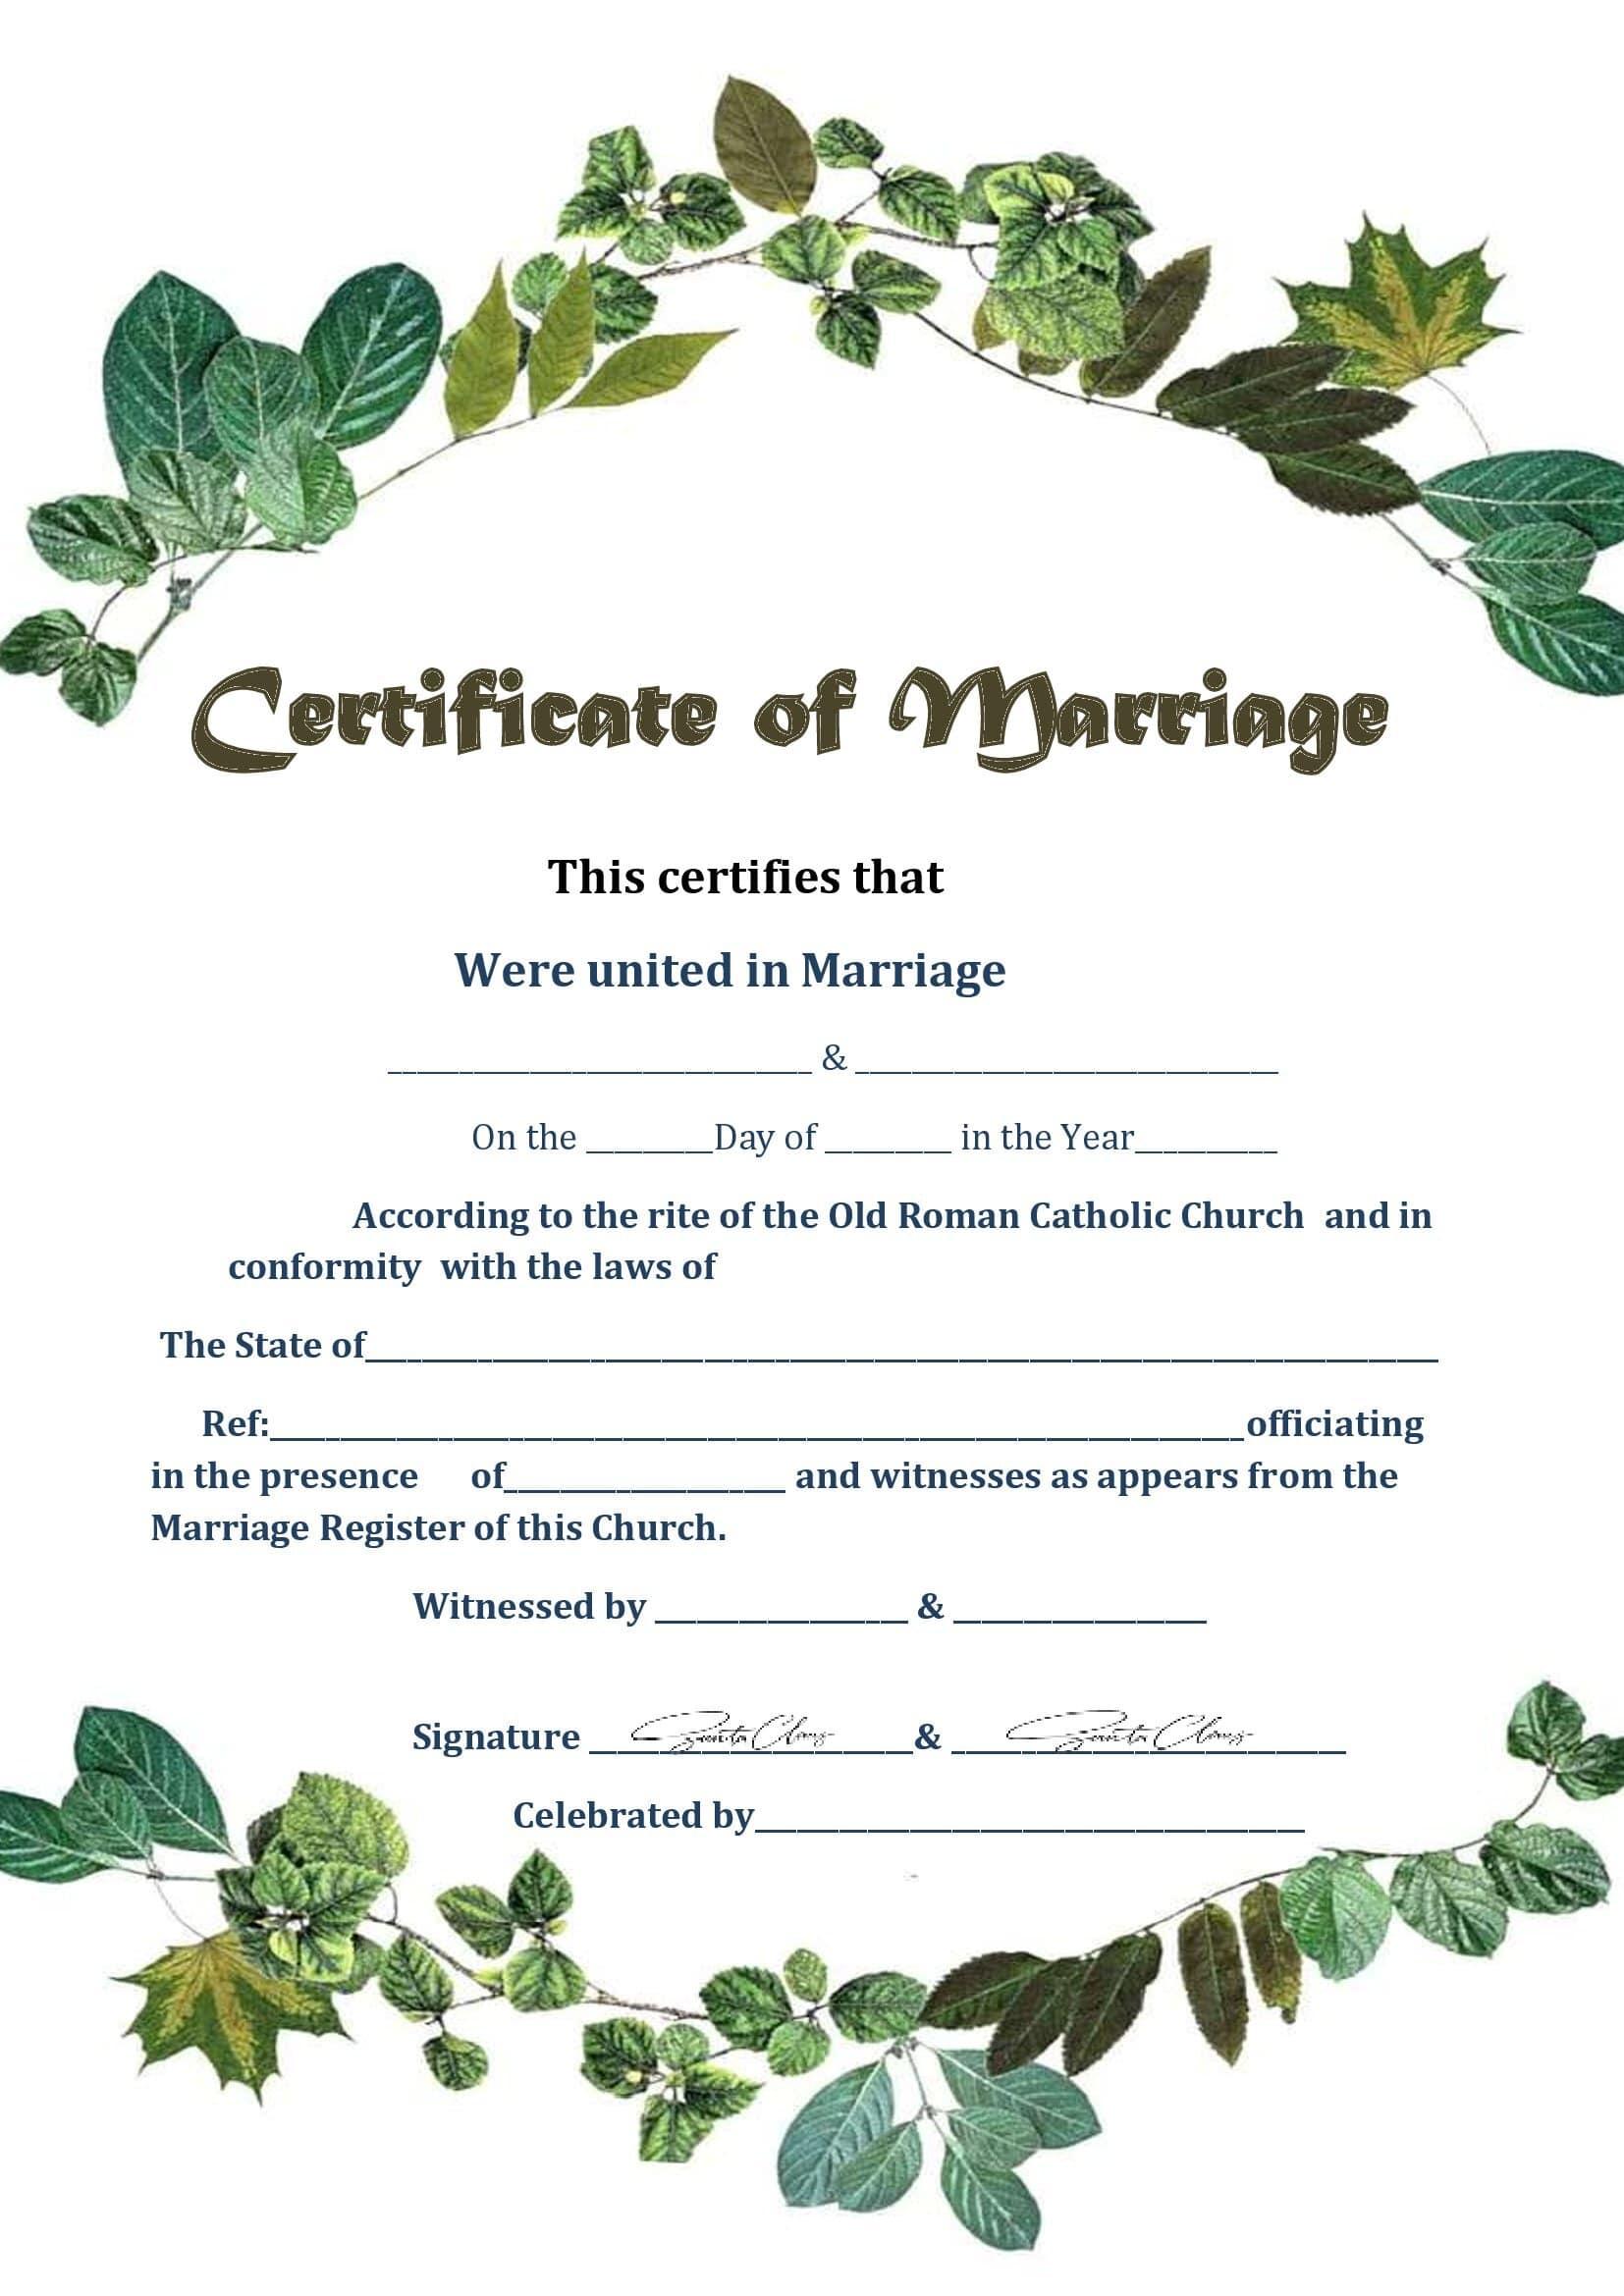 Casamento Civil Certidão De Casamento Online Fake